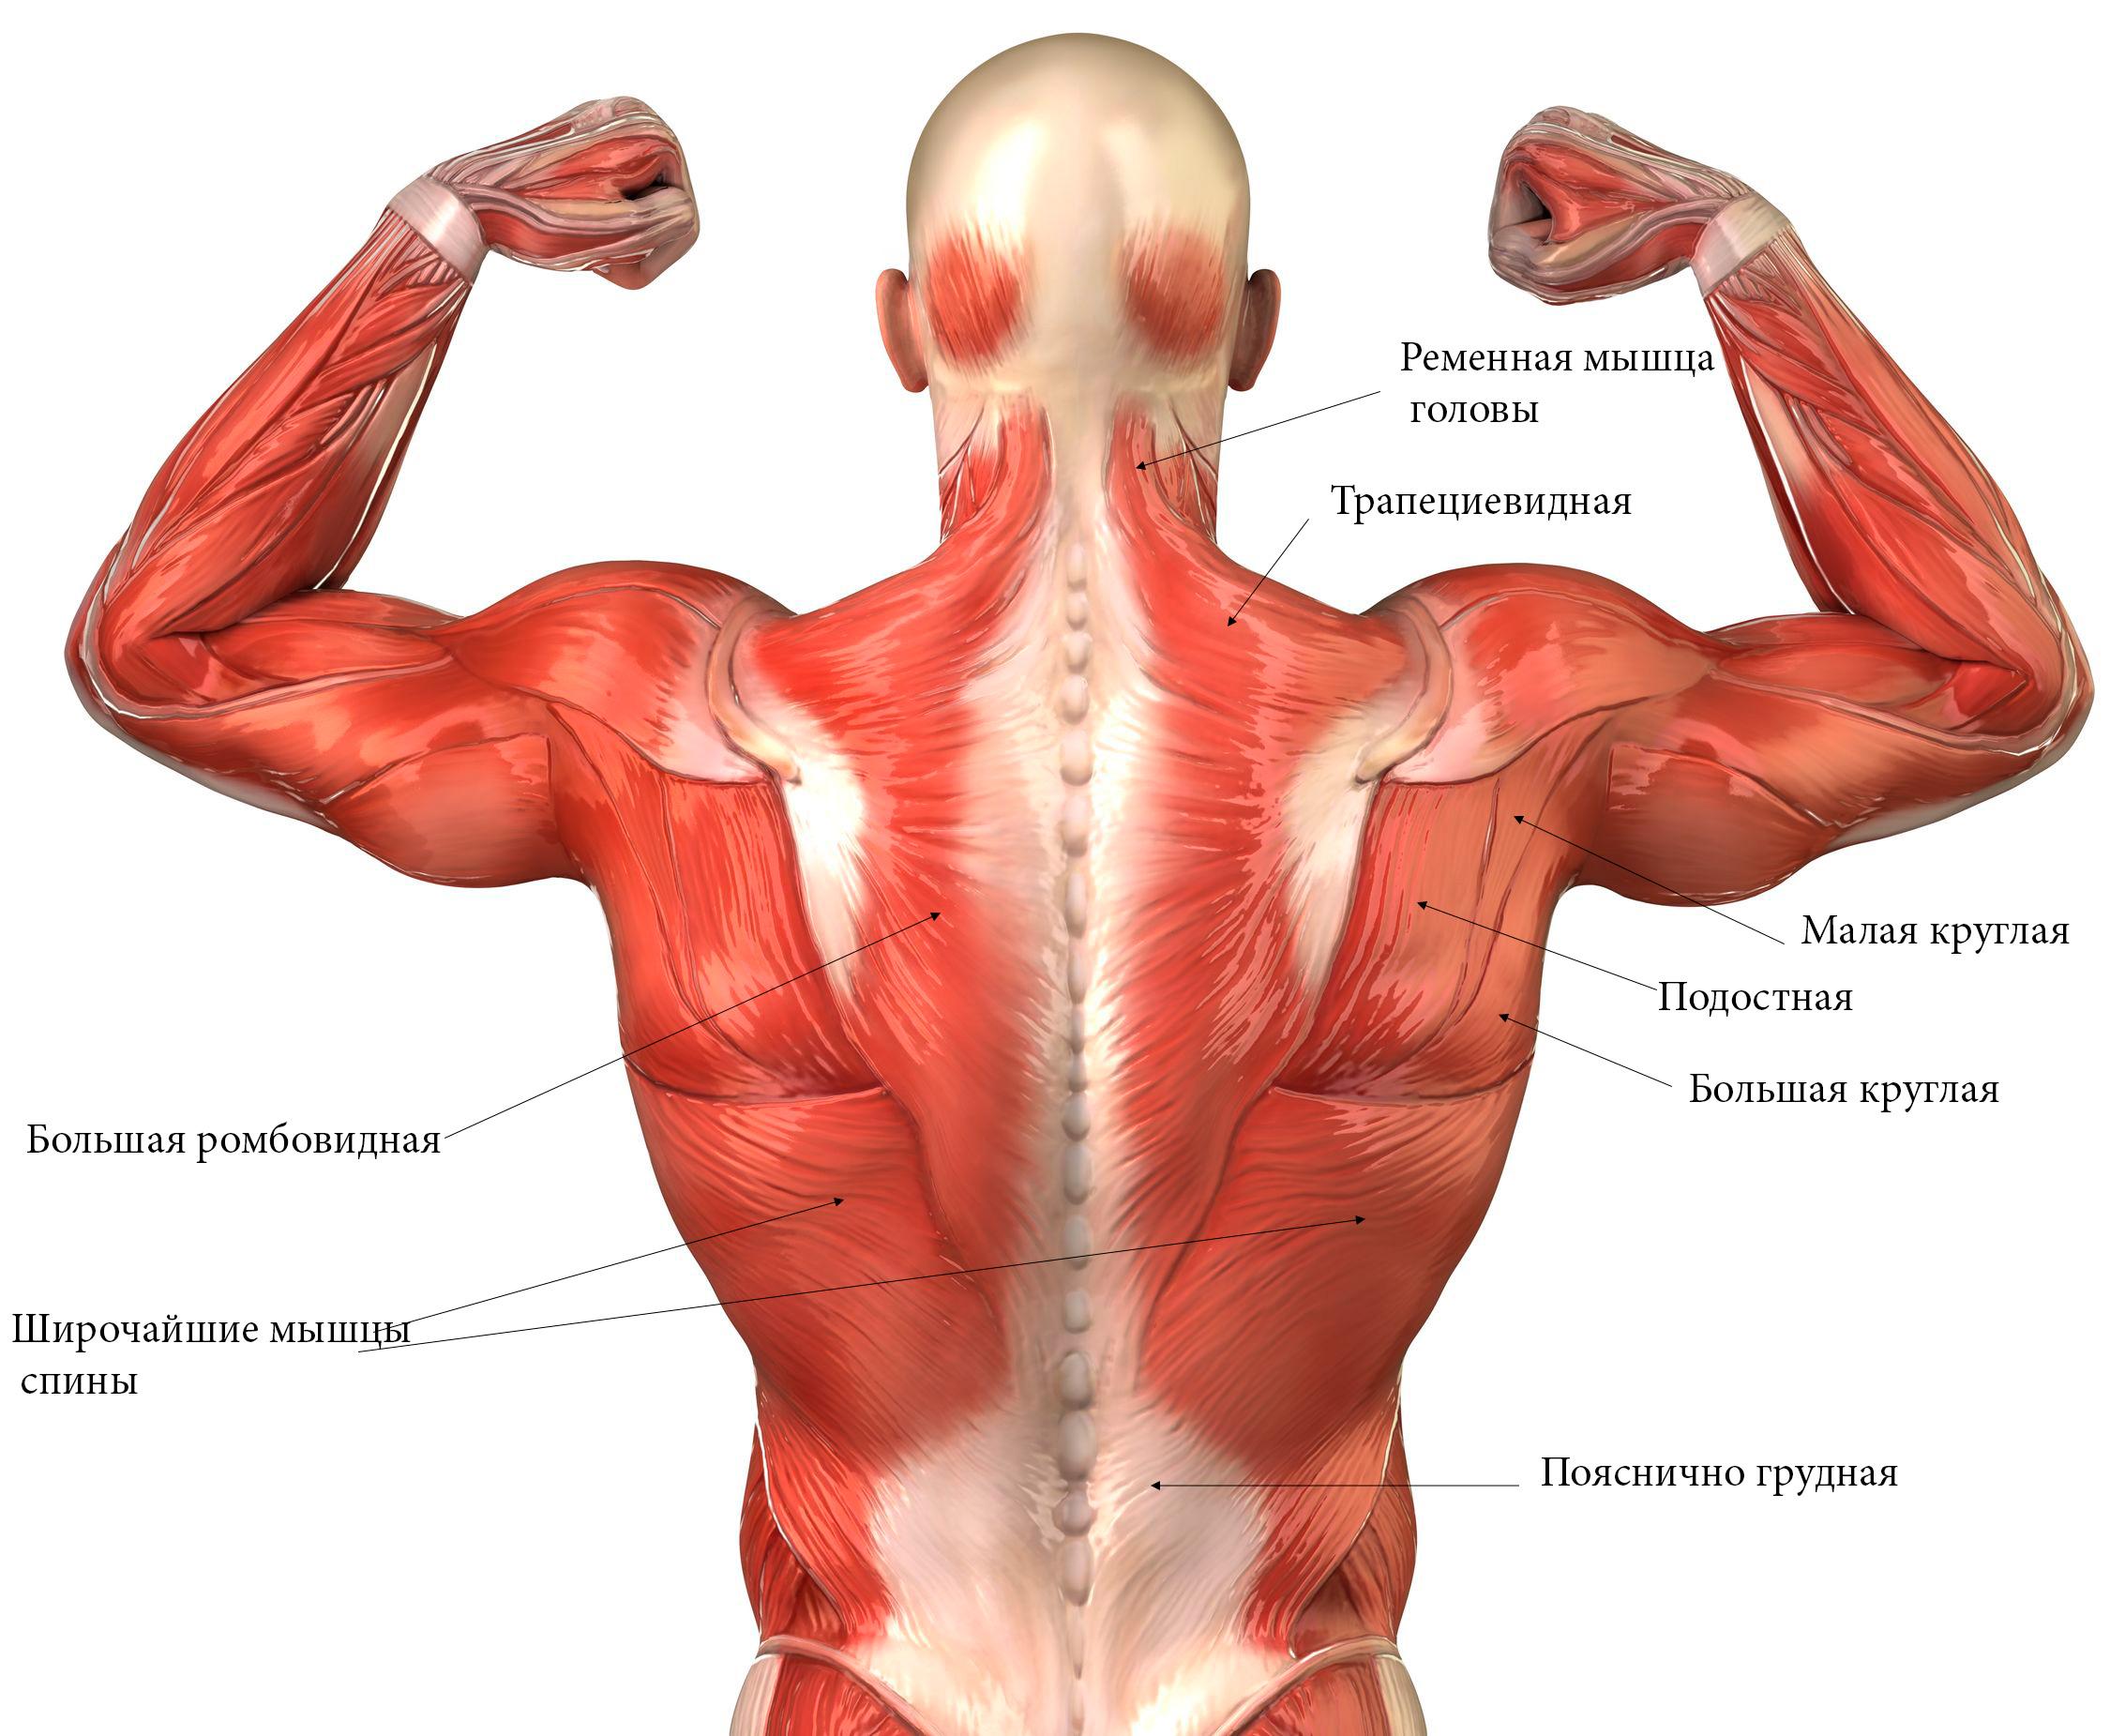 тренировка мышц предплечья схема